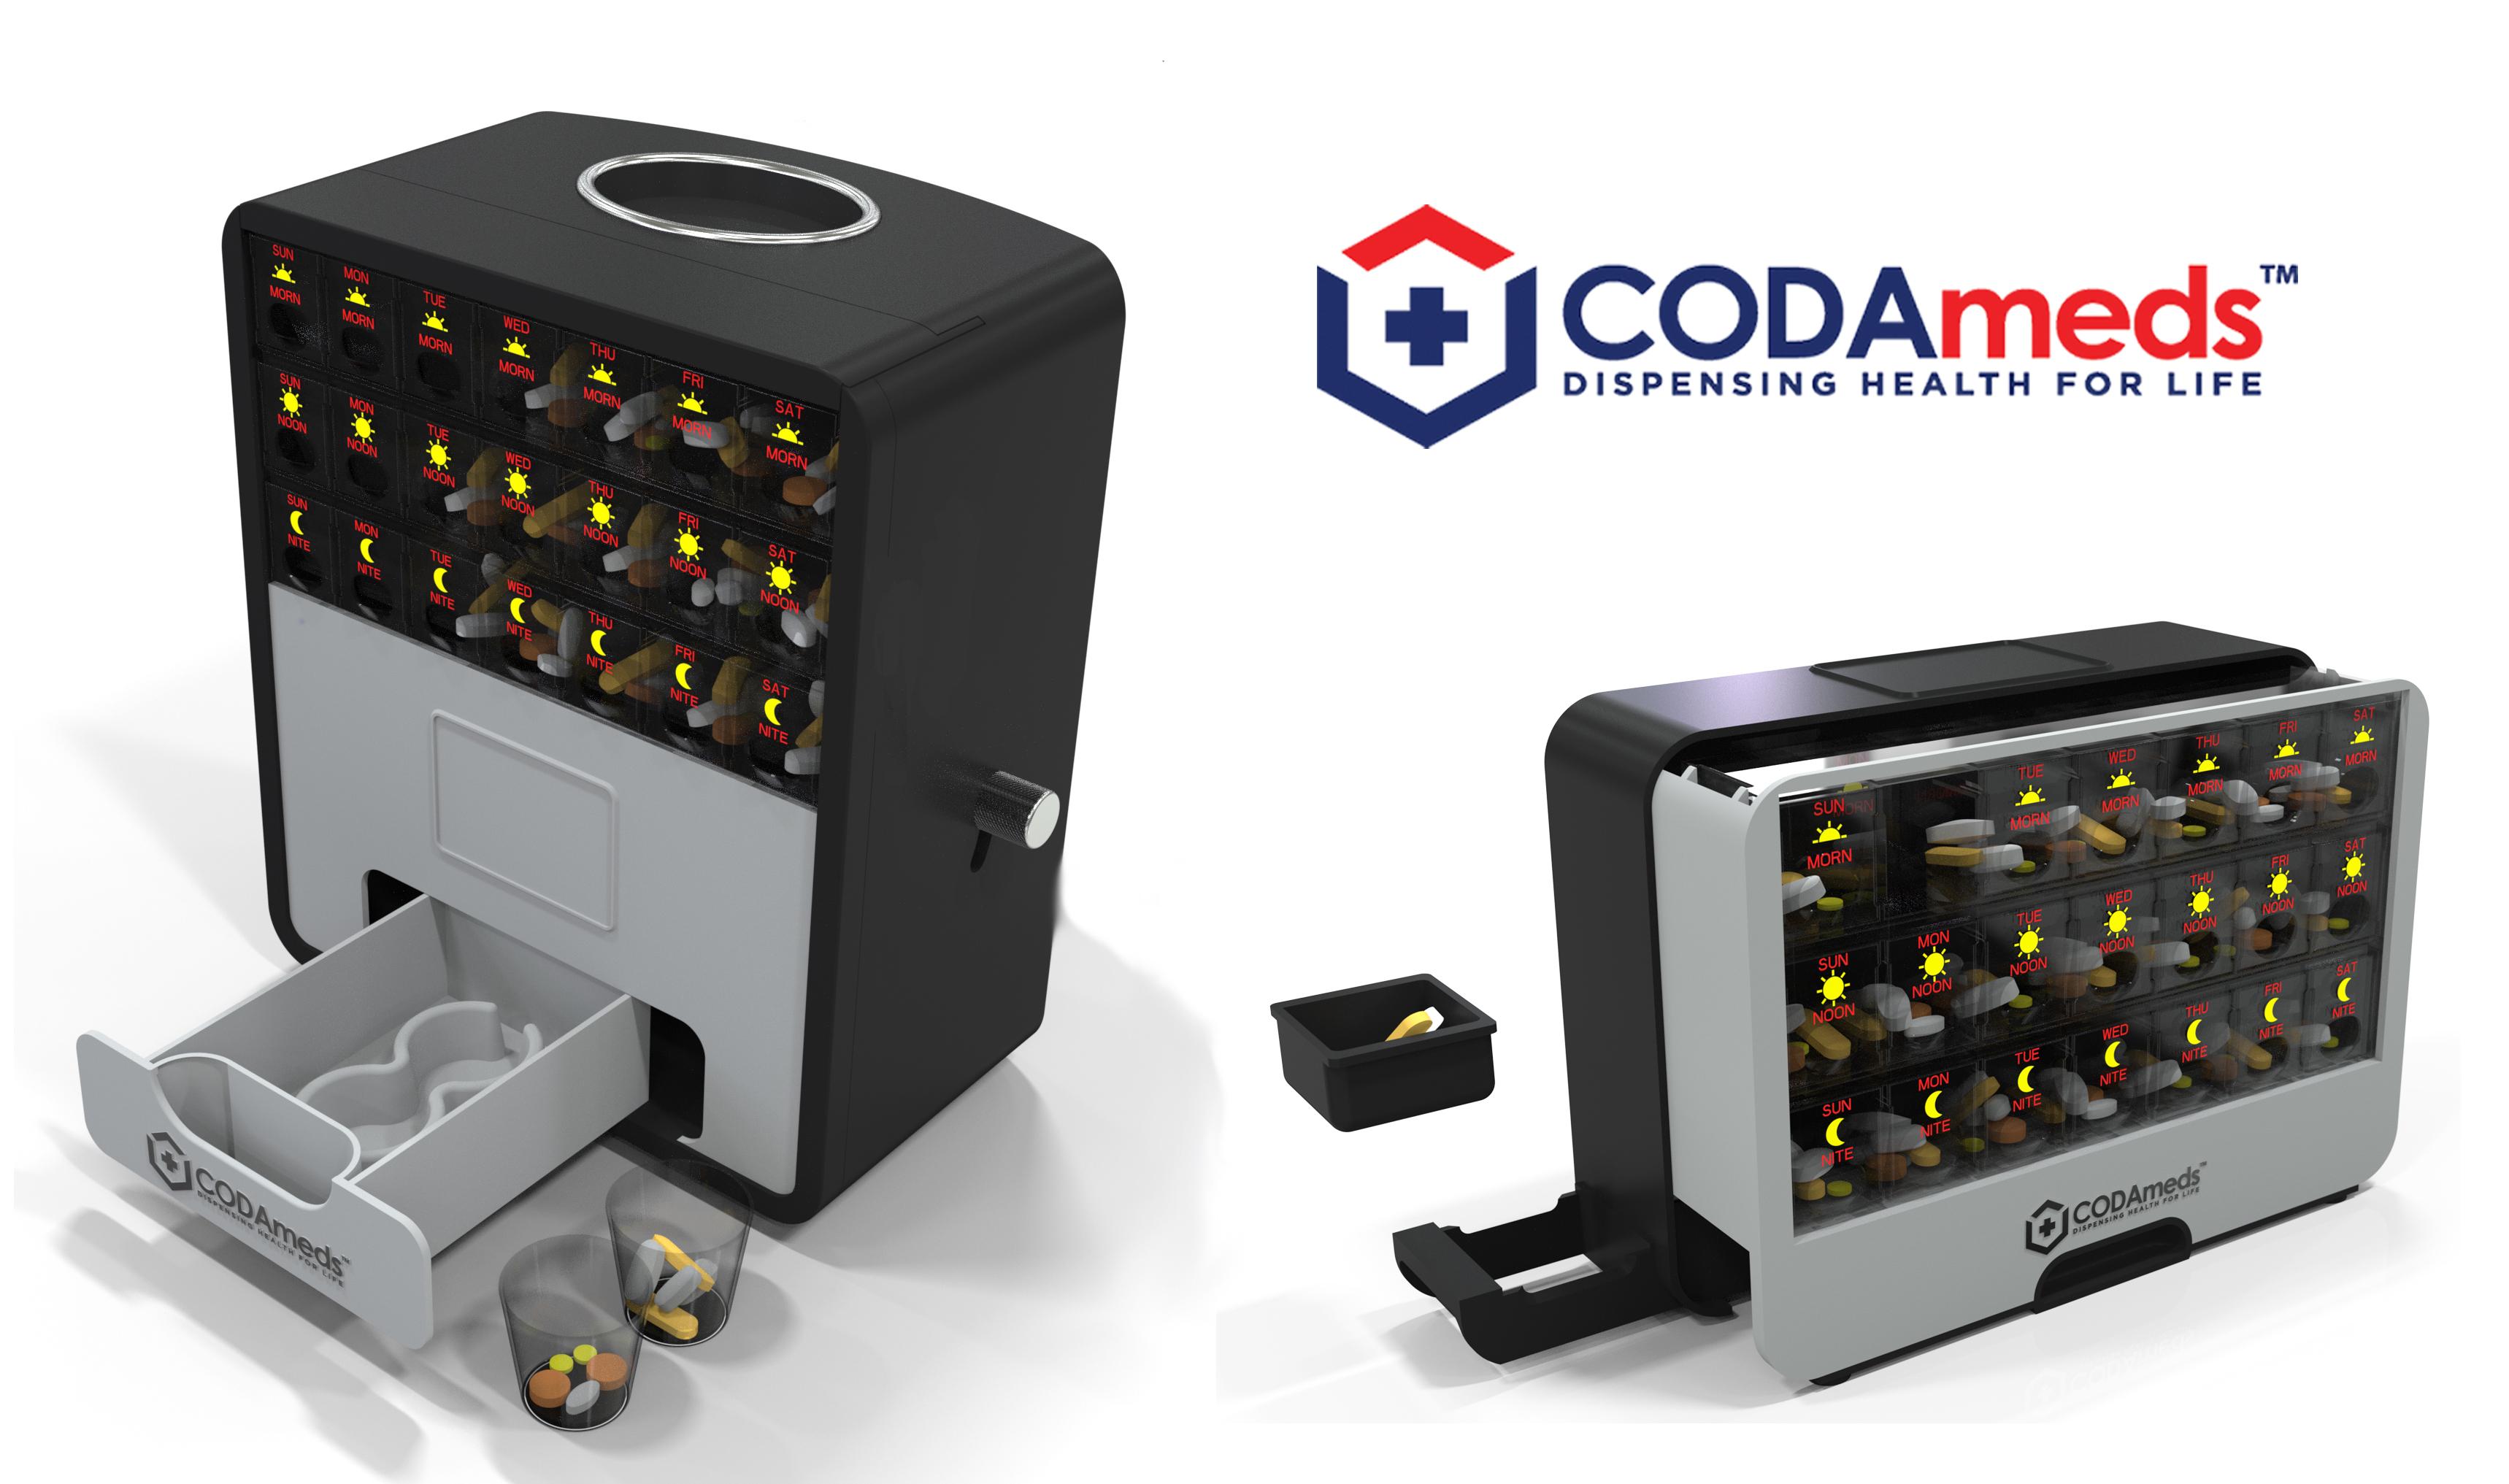 CODAmeds Dispenser Kickstarter copy